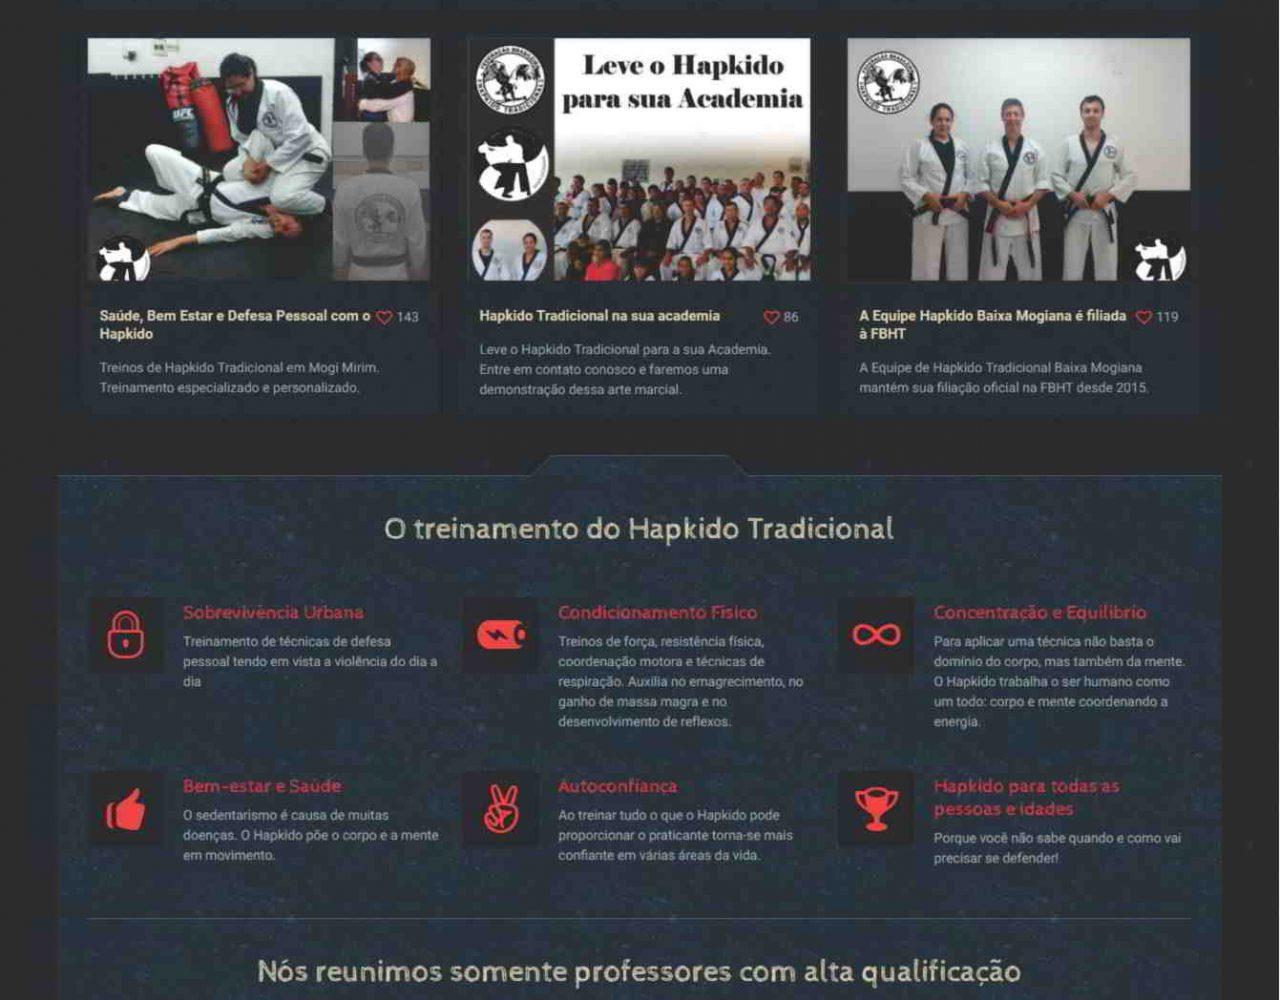 Desenvolvimento de site em Mogi Mirim para a Equipe de Hapkido Trdicional Baixa Mogiana